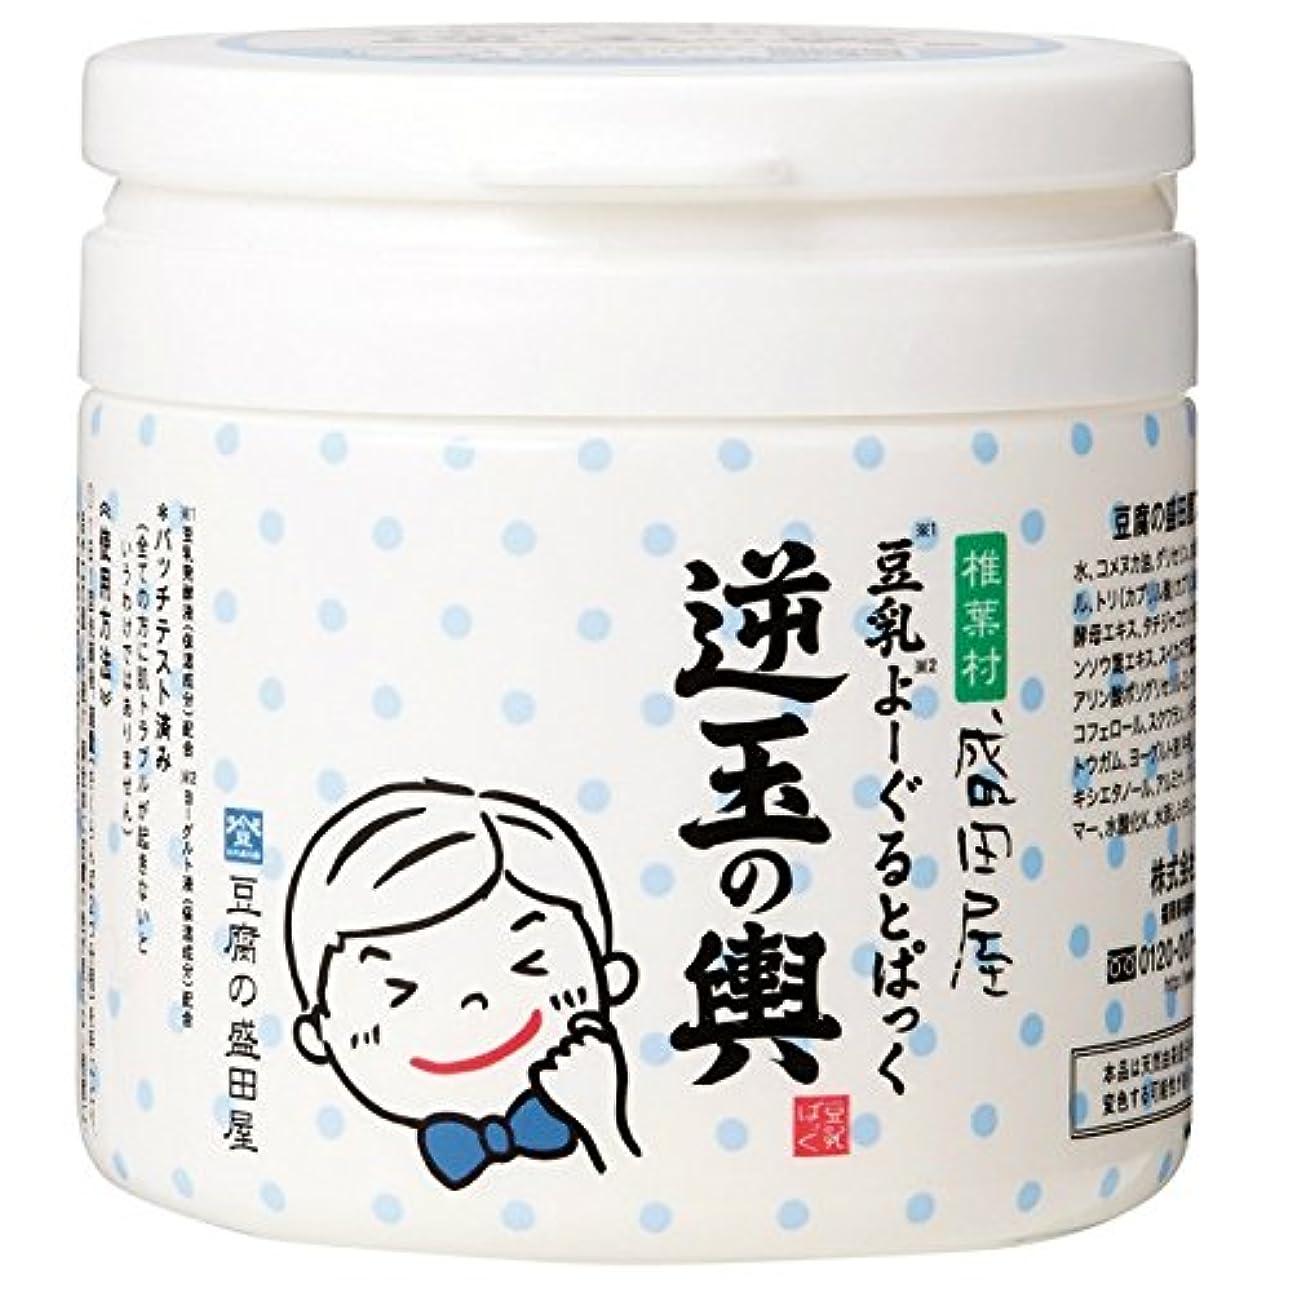 広告するアリ指豆腐の盛田屋 豆乳よーぐるとぱっく 逆玉の輿 150g